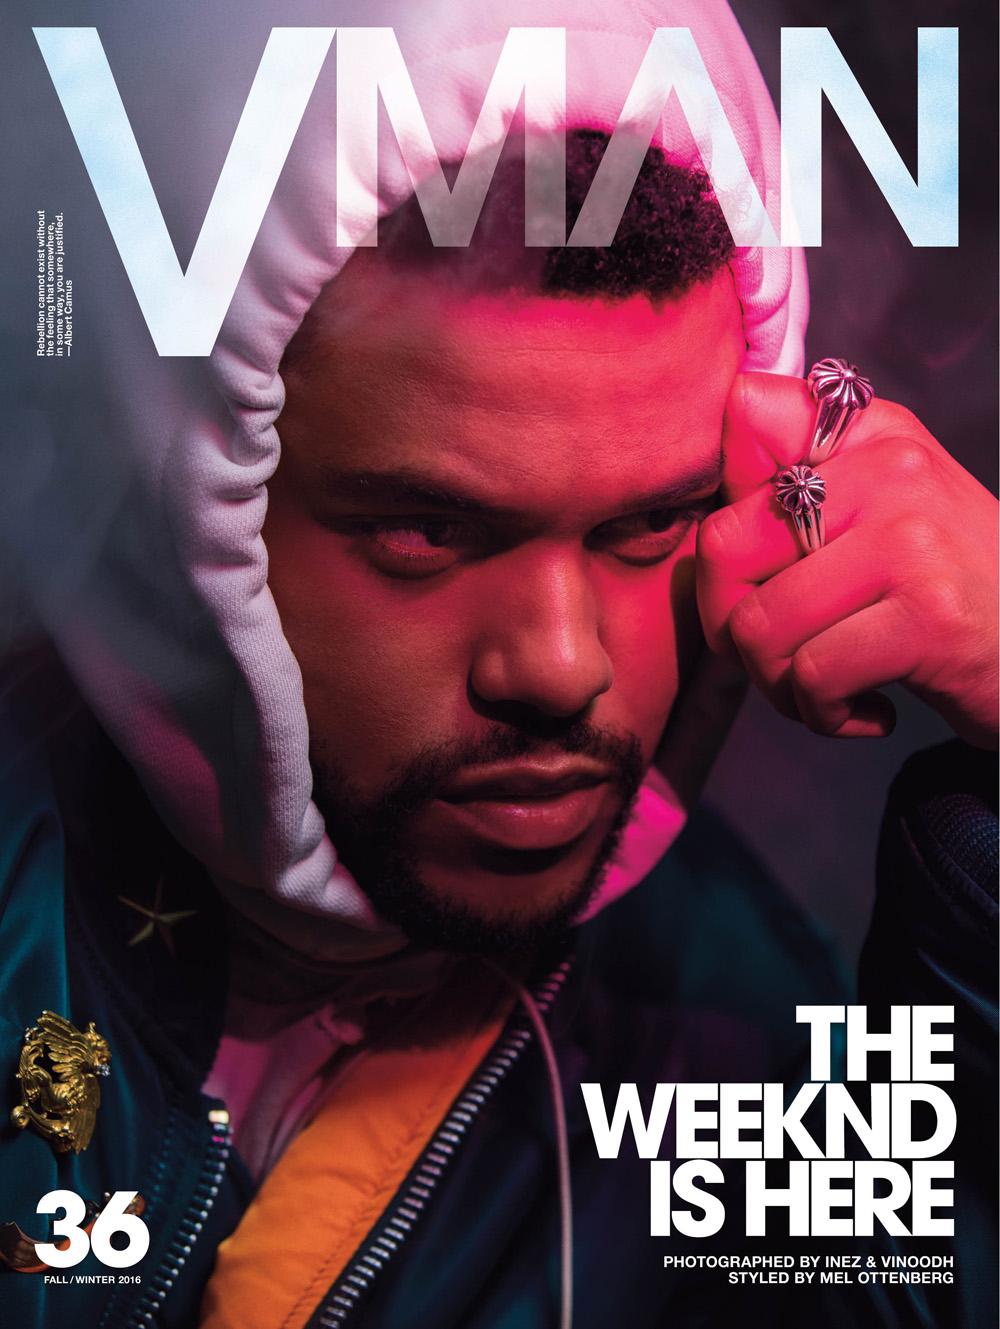 VMan #36 Fall/Winter 2016 : The Weeknd by Inez & Vinoodh